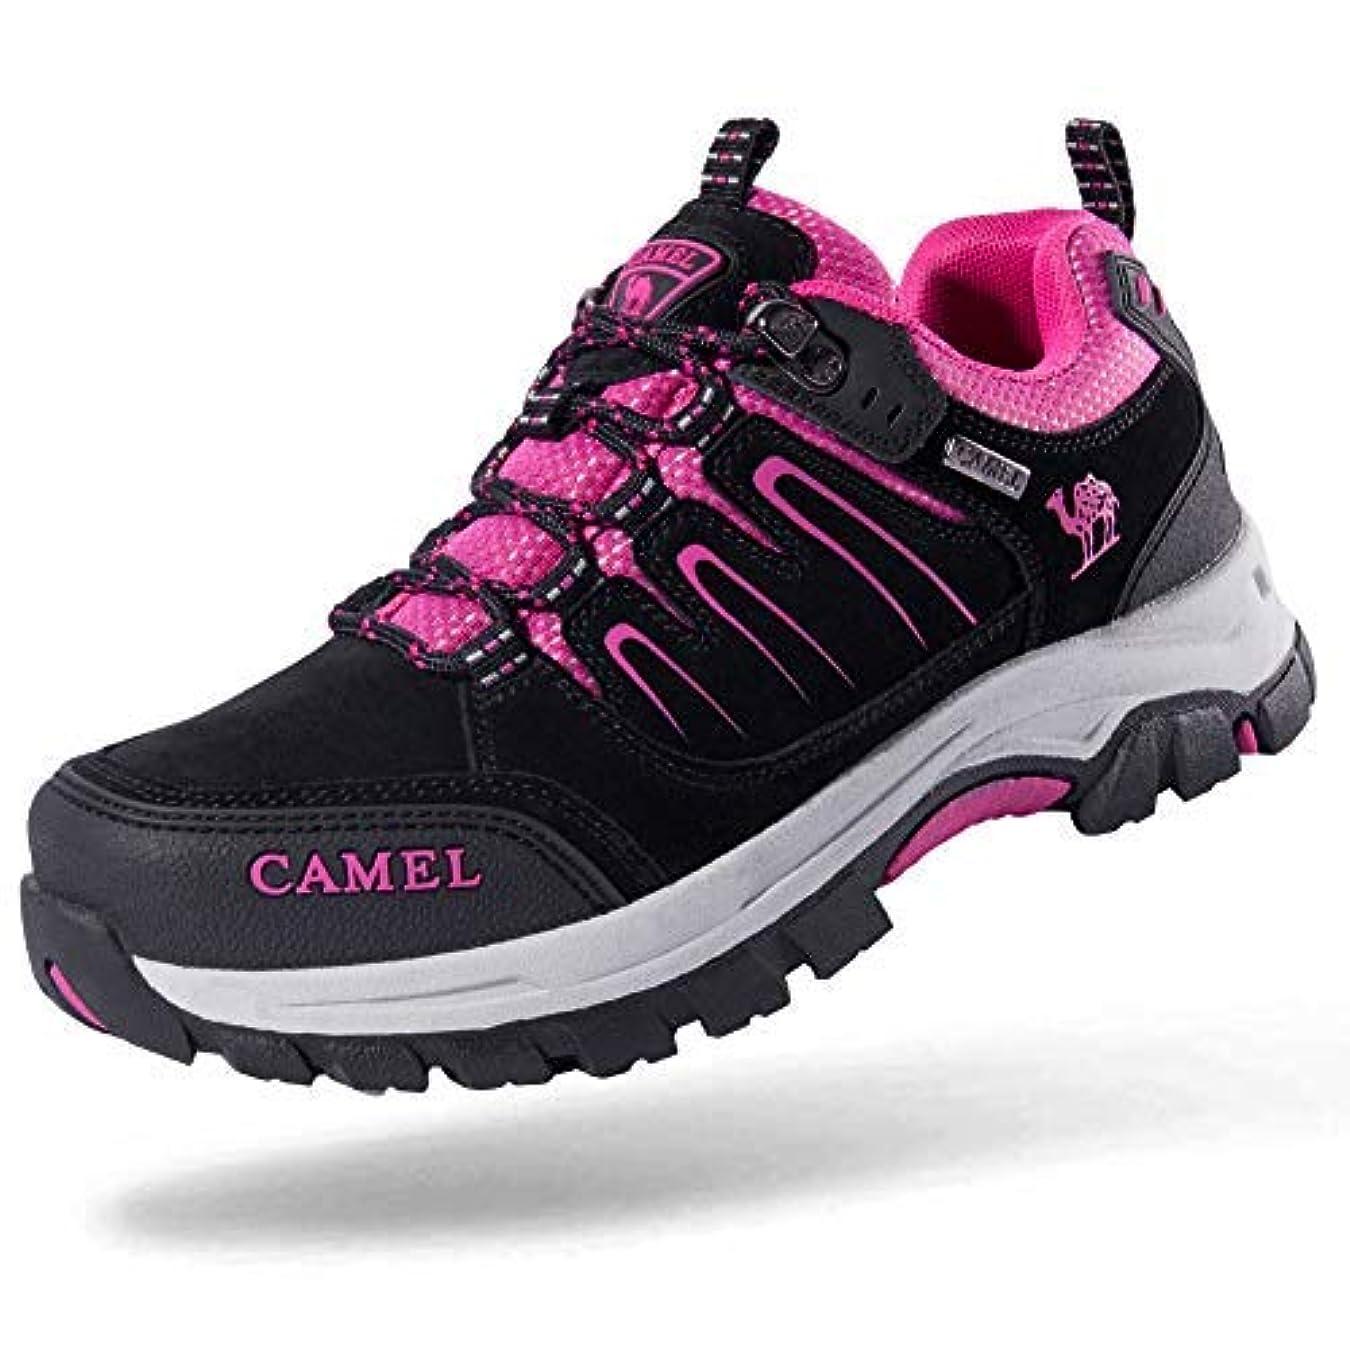 瞑想する検索エンジンマーケティング花瓶CAMEL CROWN Women's Breathable Leather Hiking Shoes for Outdoor Camping Trekking Exploring (Black/Rose red 8.5 US) [並行輸入品]